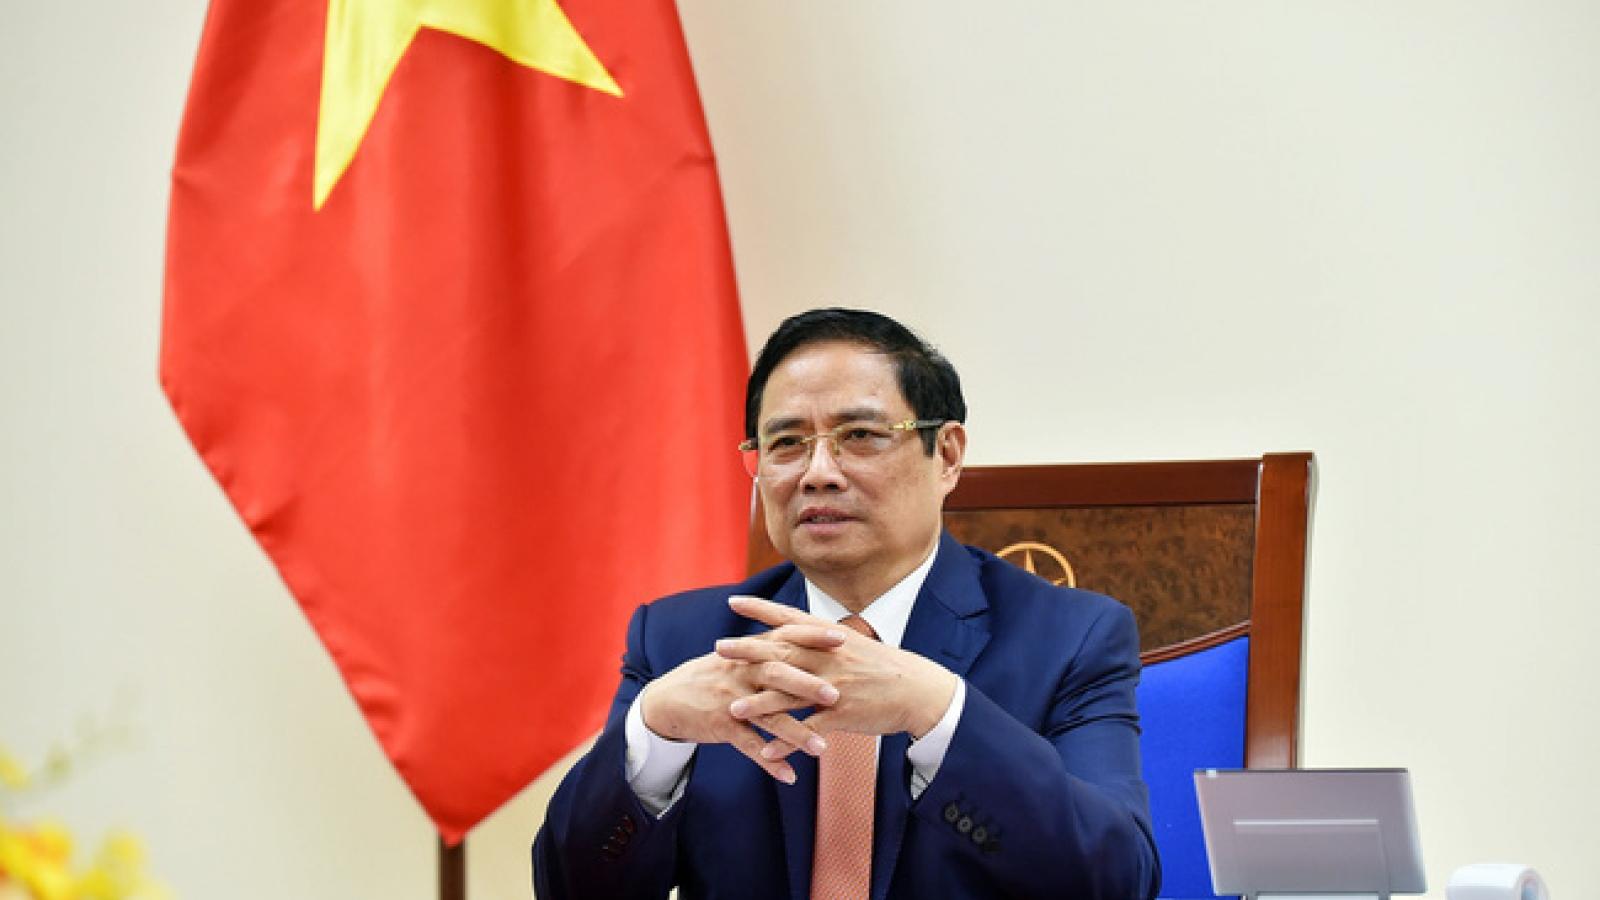 Thủ tướng Phạm Minh Chính cảm ơn Thủ tướng Campuchia hỗ trợ ứng phó dịch Covid-19